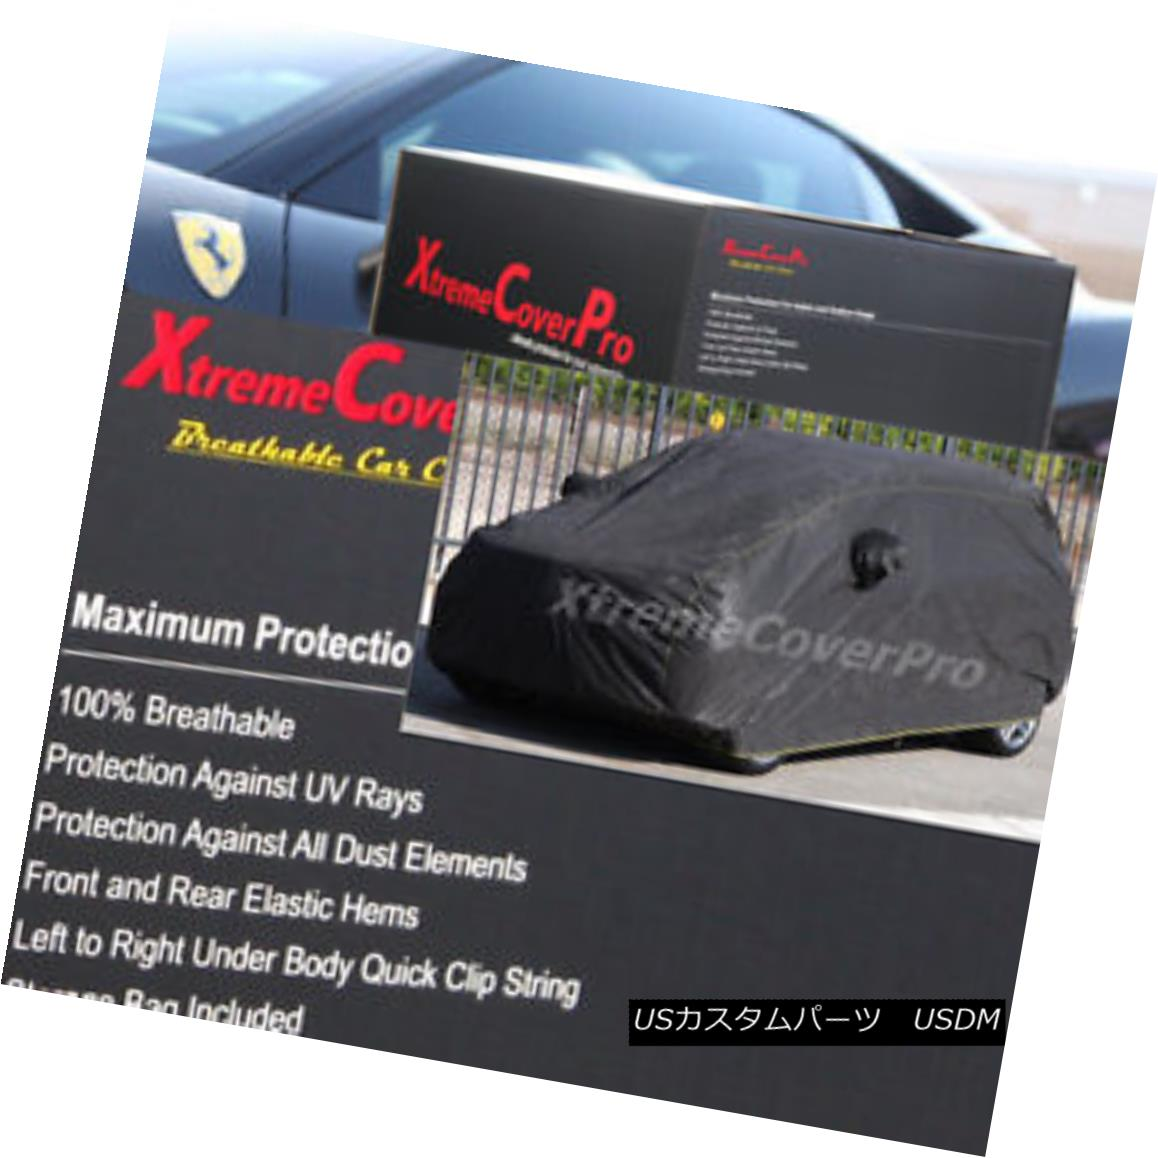 カーカバー 2005 2006 2007 2008 Chevy Uplander SWB Breathable Car Cover w/MirrorPocket 2005年2006年2007年2008年シボレーUplander SWB通気性車カバー/ MirrorPocket